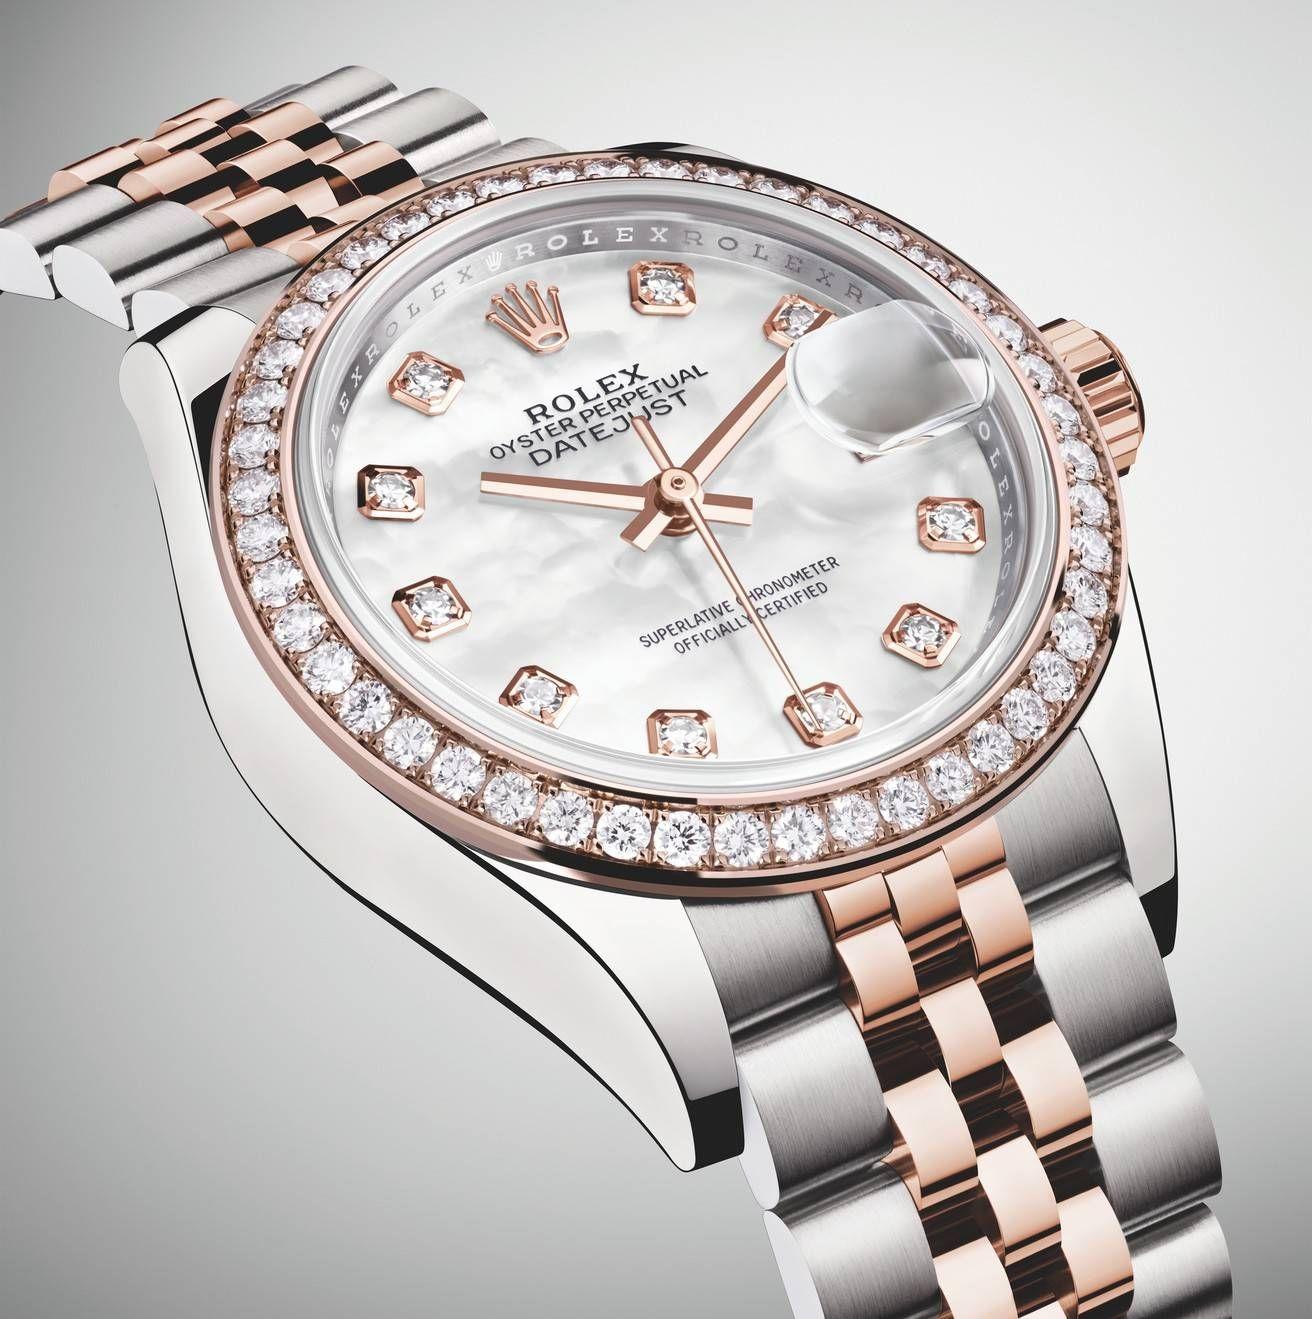 En Excellence Datejust 28Montre 2019 Par Lady Rolex Femme nO80Pwk